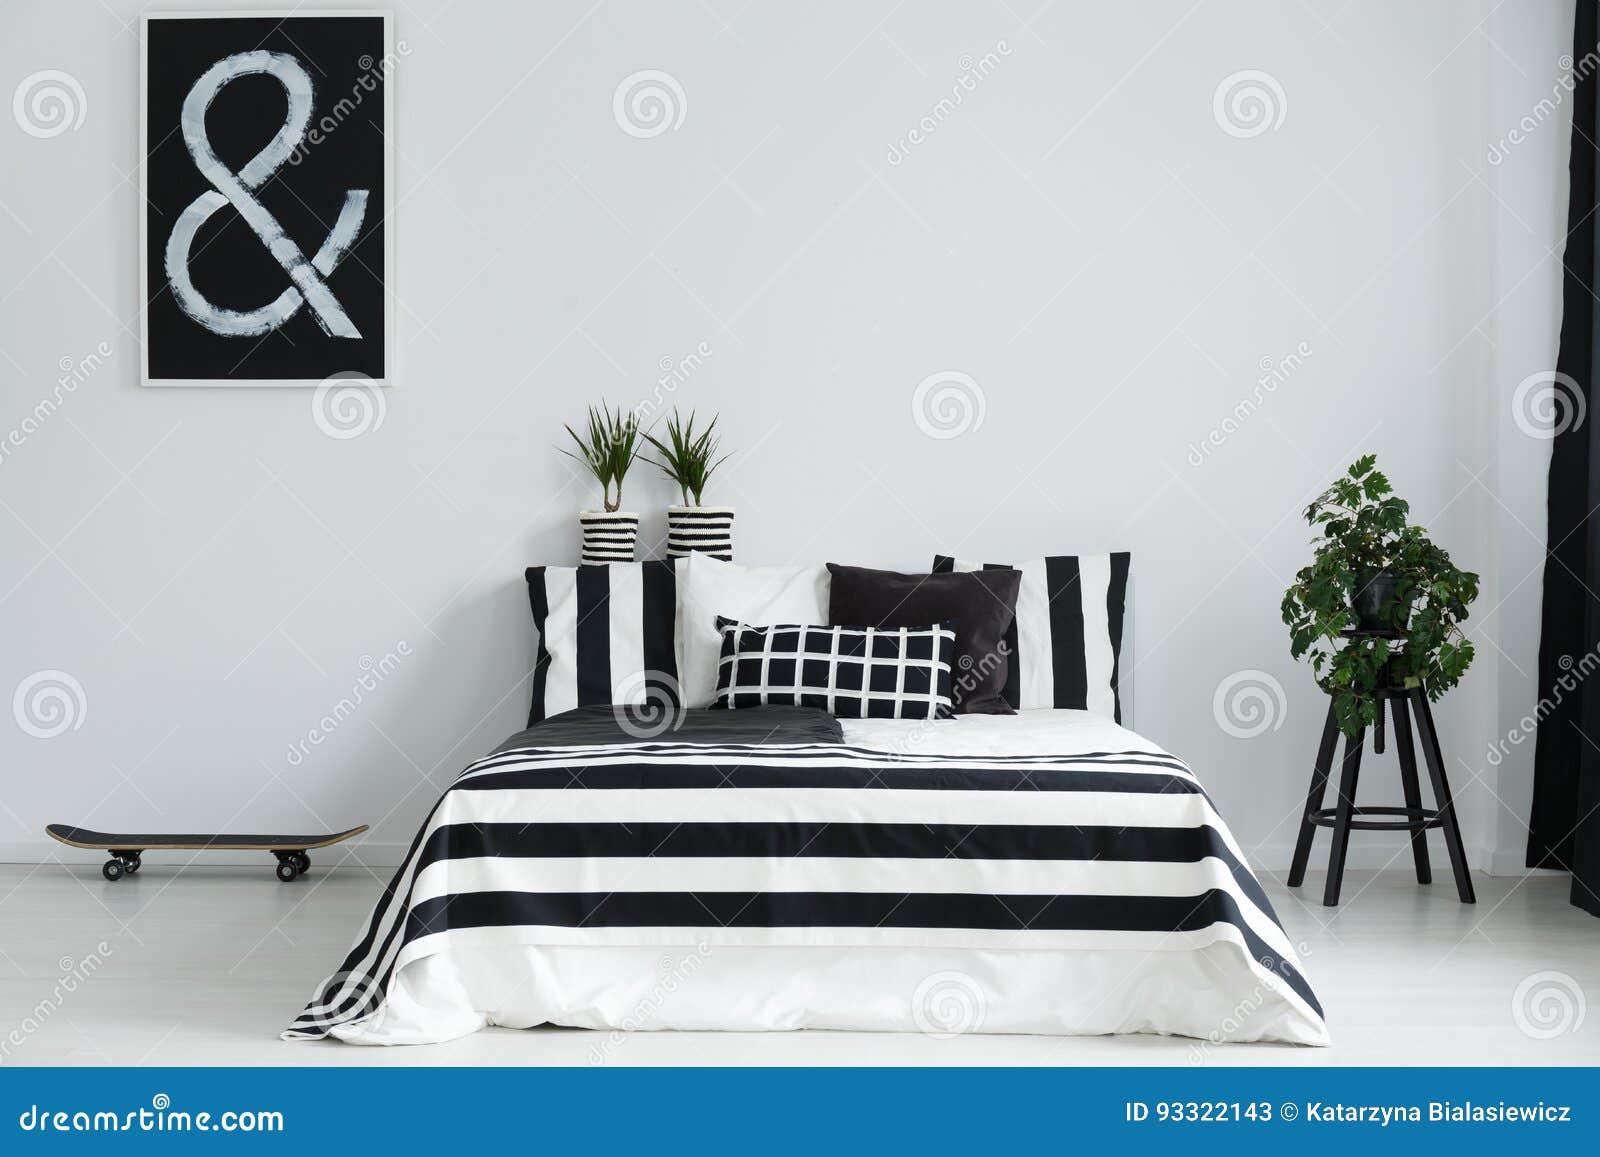 Pattino e piante in camera da letto immagine stock immagine di